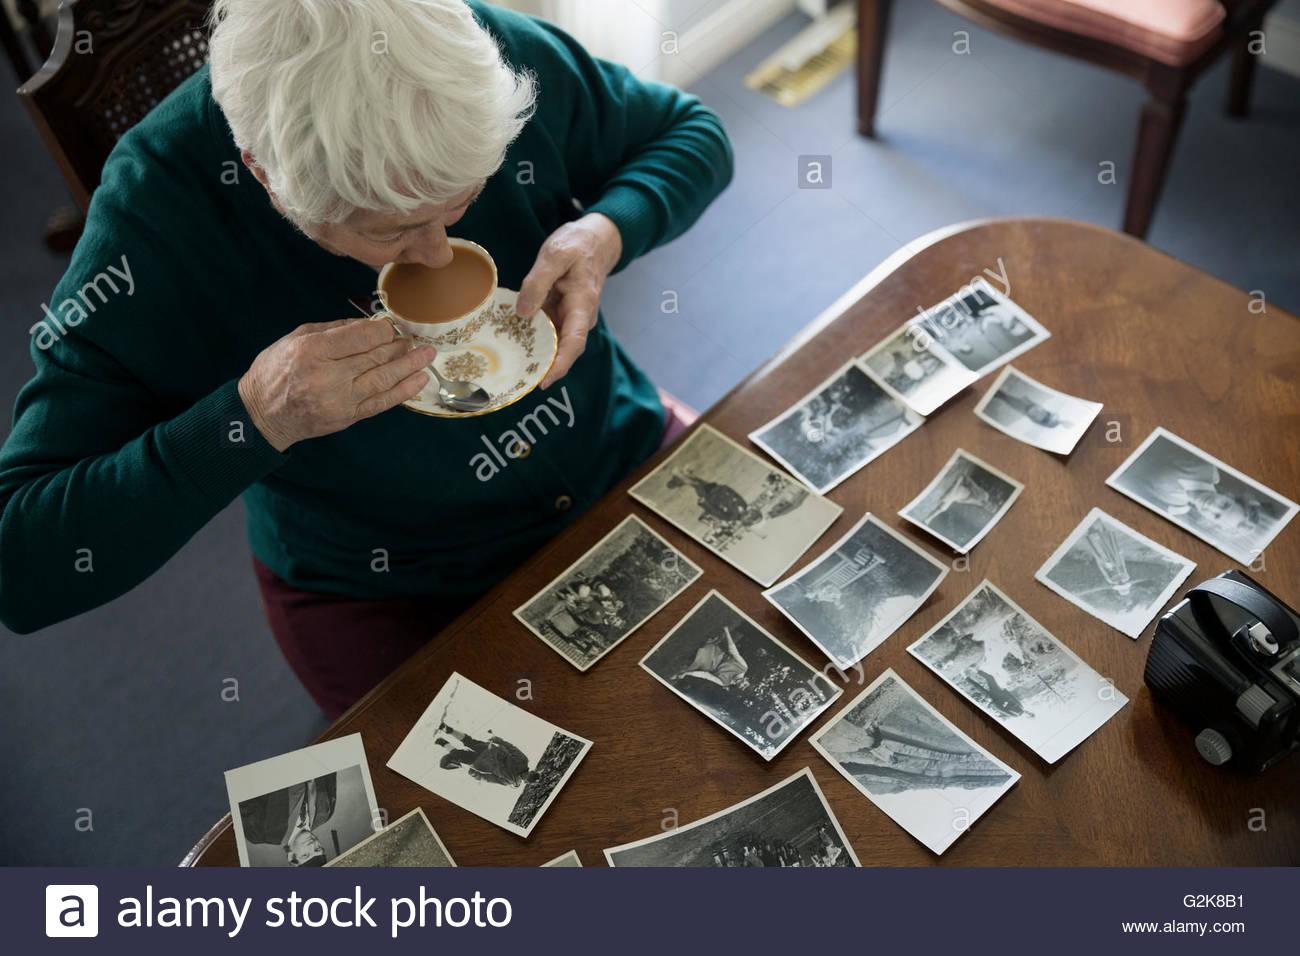 Las mujeres mayores bebiendo té y mirando fotografías antiguas Imagen De Stock